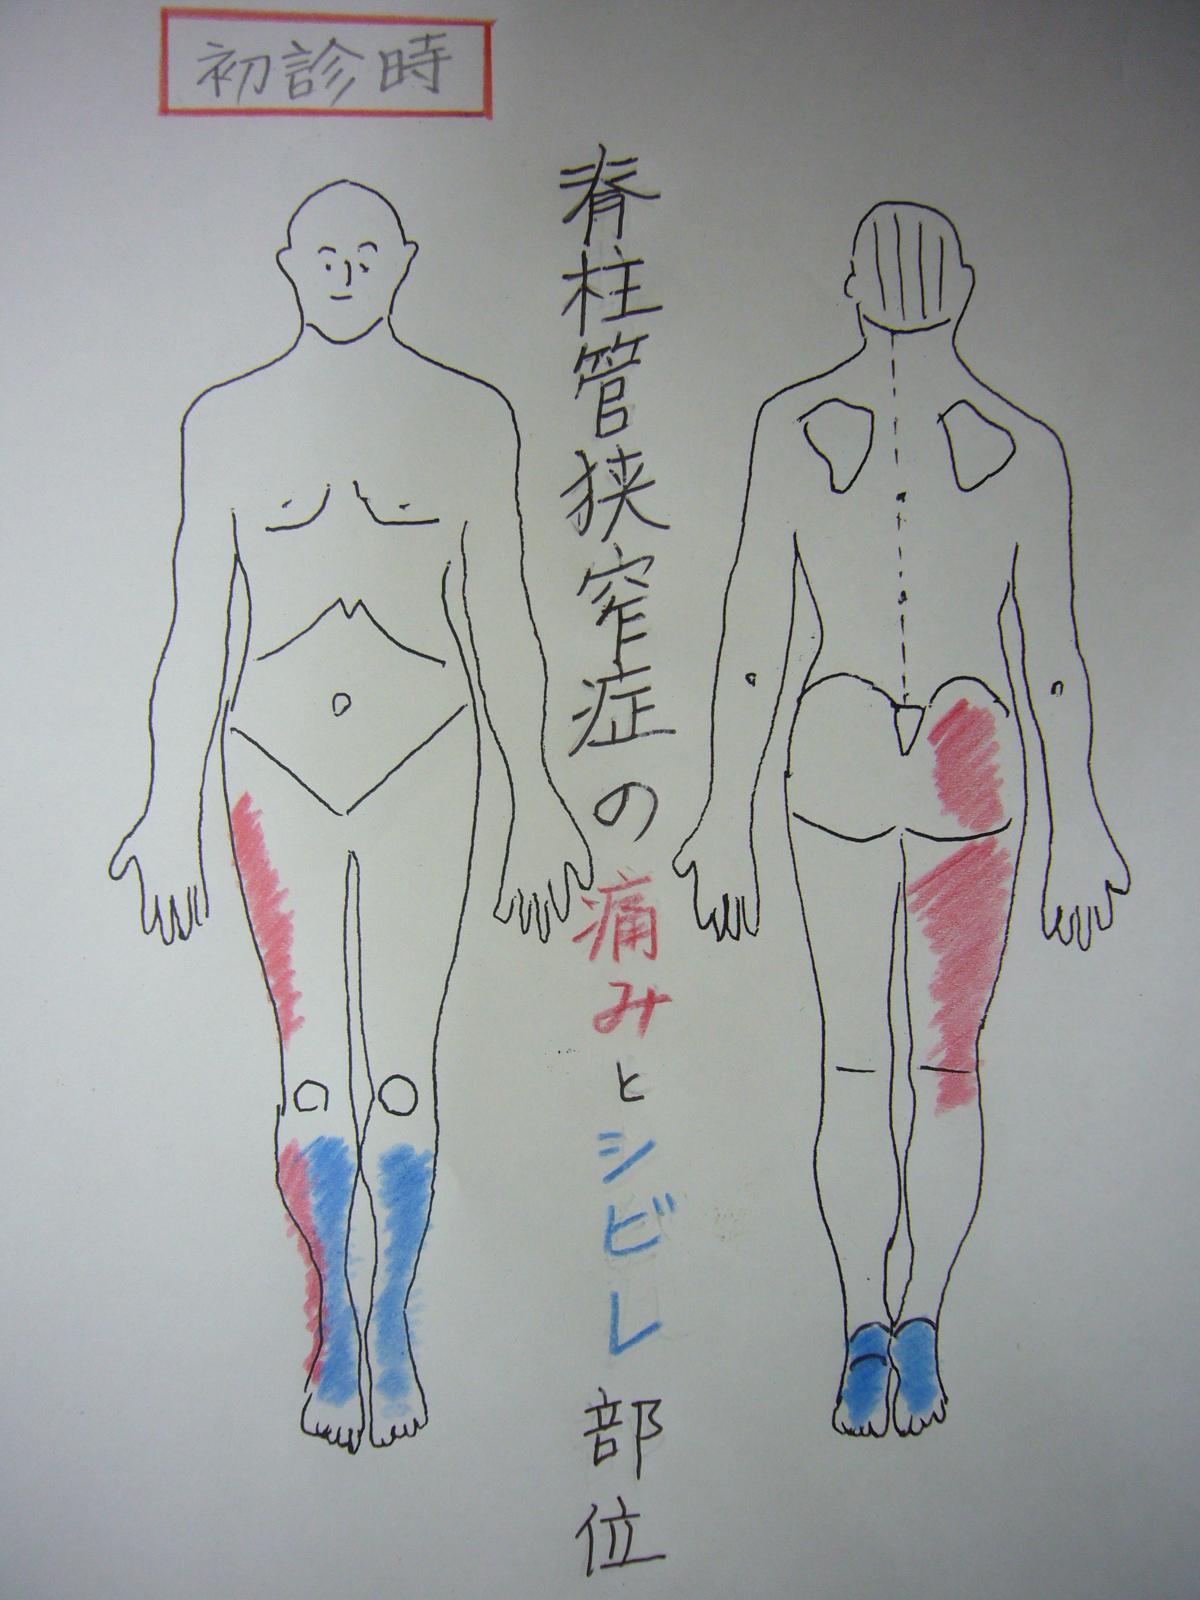 狭窄 動画 ストレッチ 管 症 脊柱